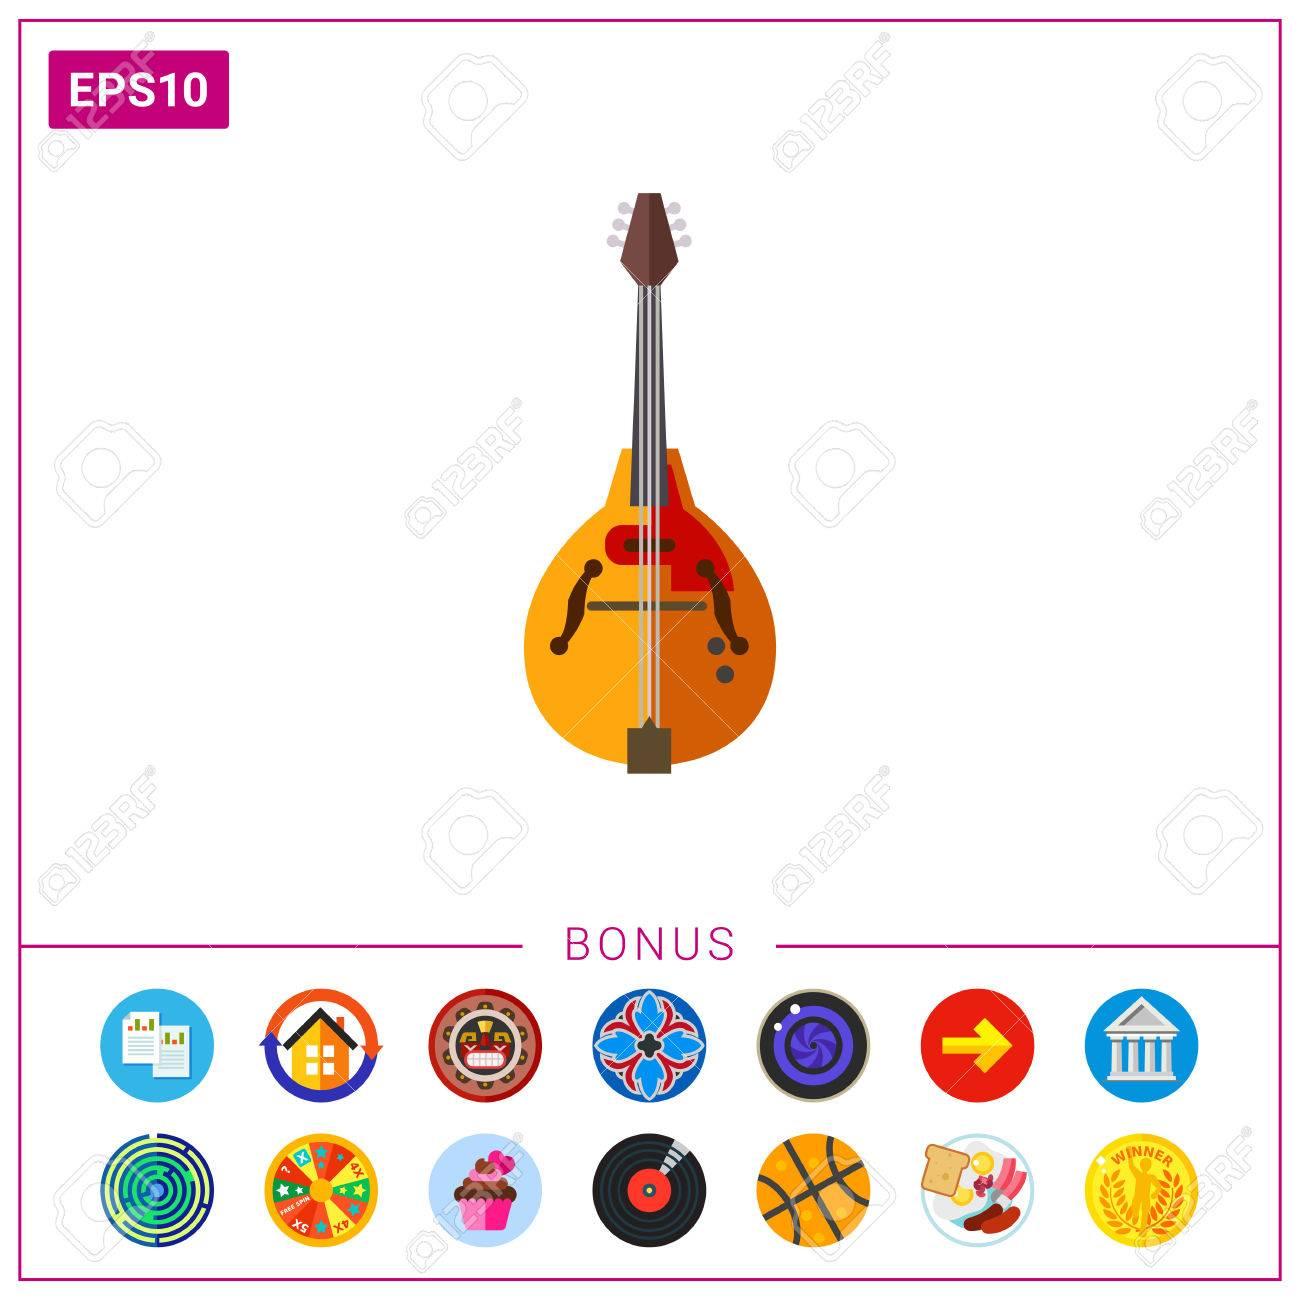 マンドリン楽器アイコンのイラスト素材ベクタ Image 76828143